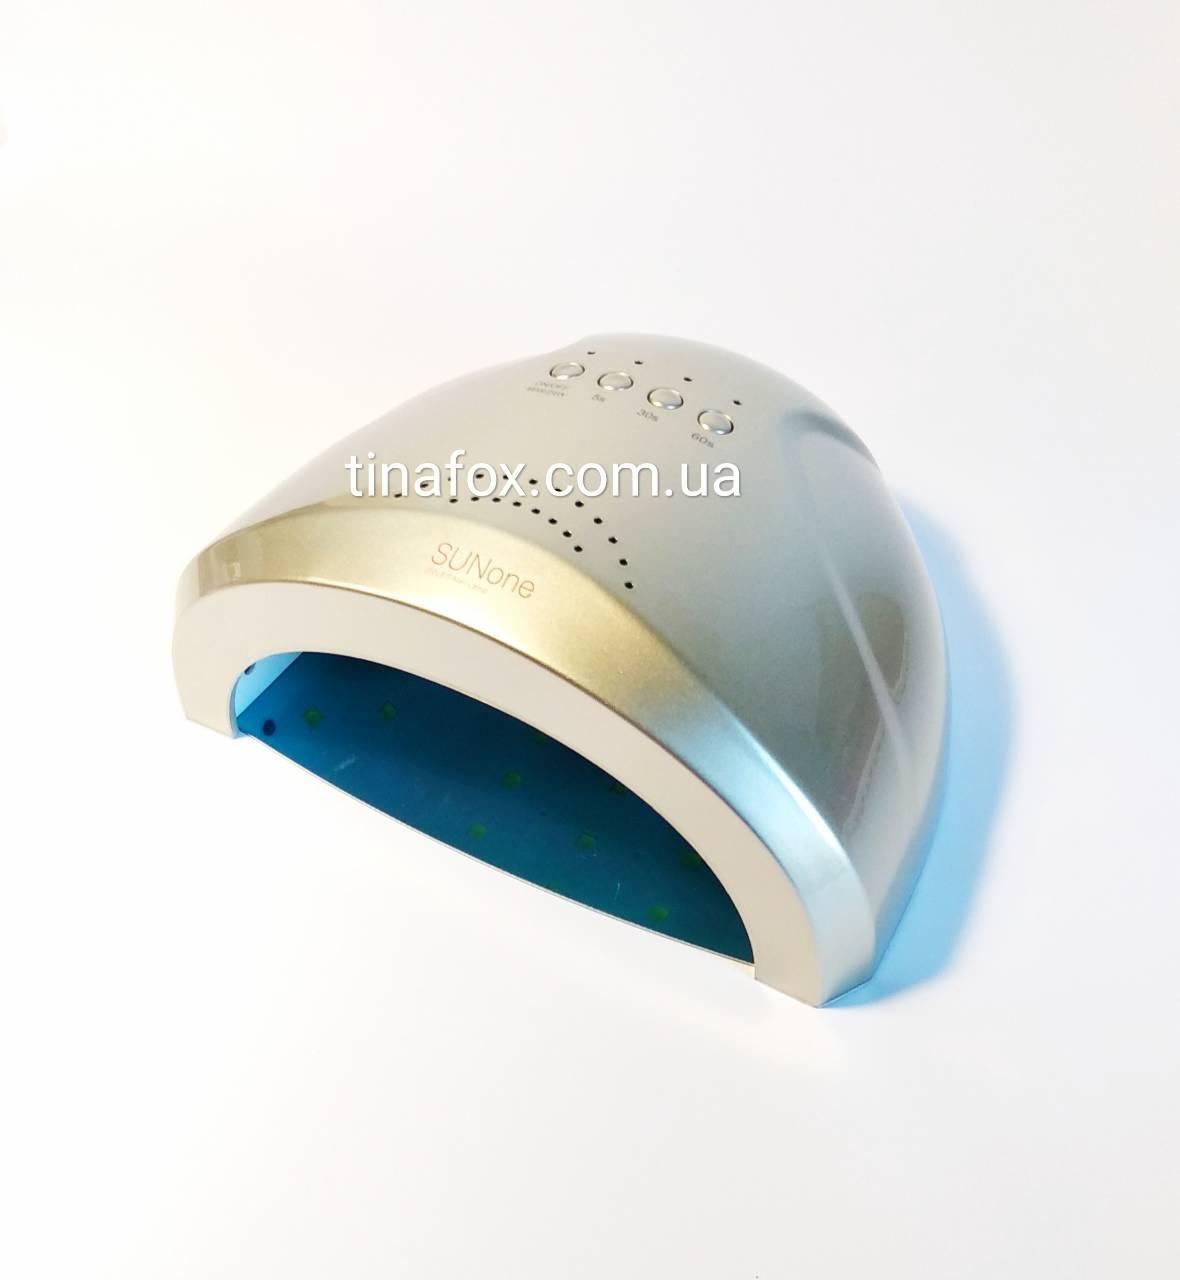 Лампа UV/LED  для ногтей SunOne 48 Вт серебро